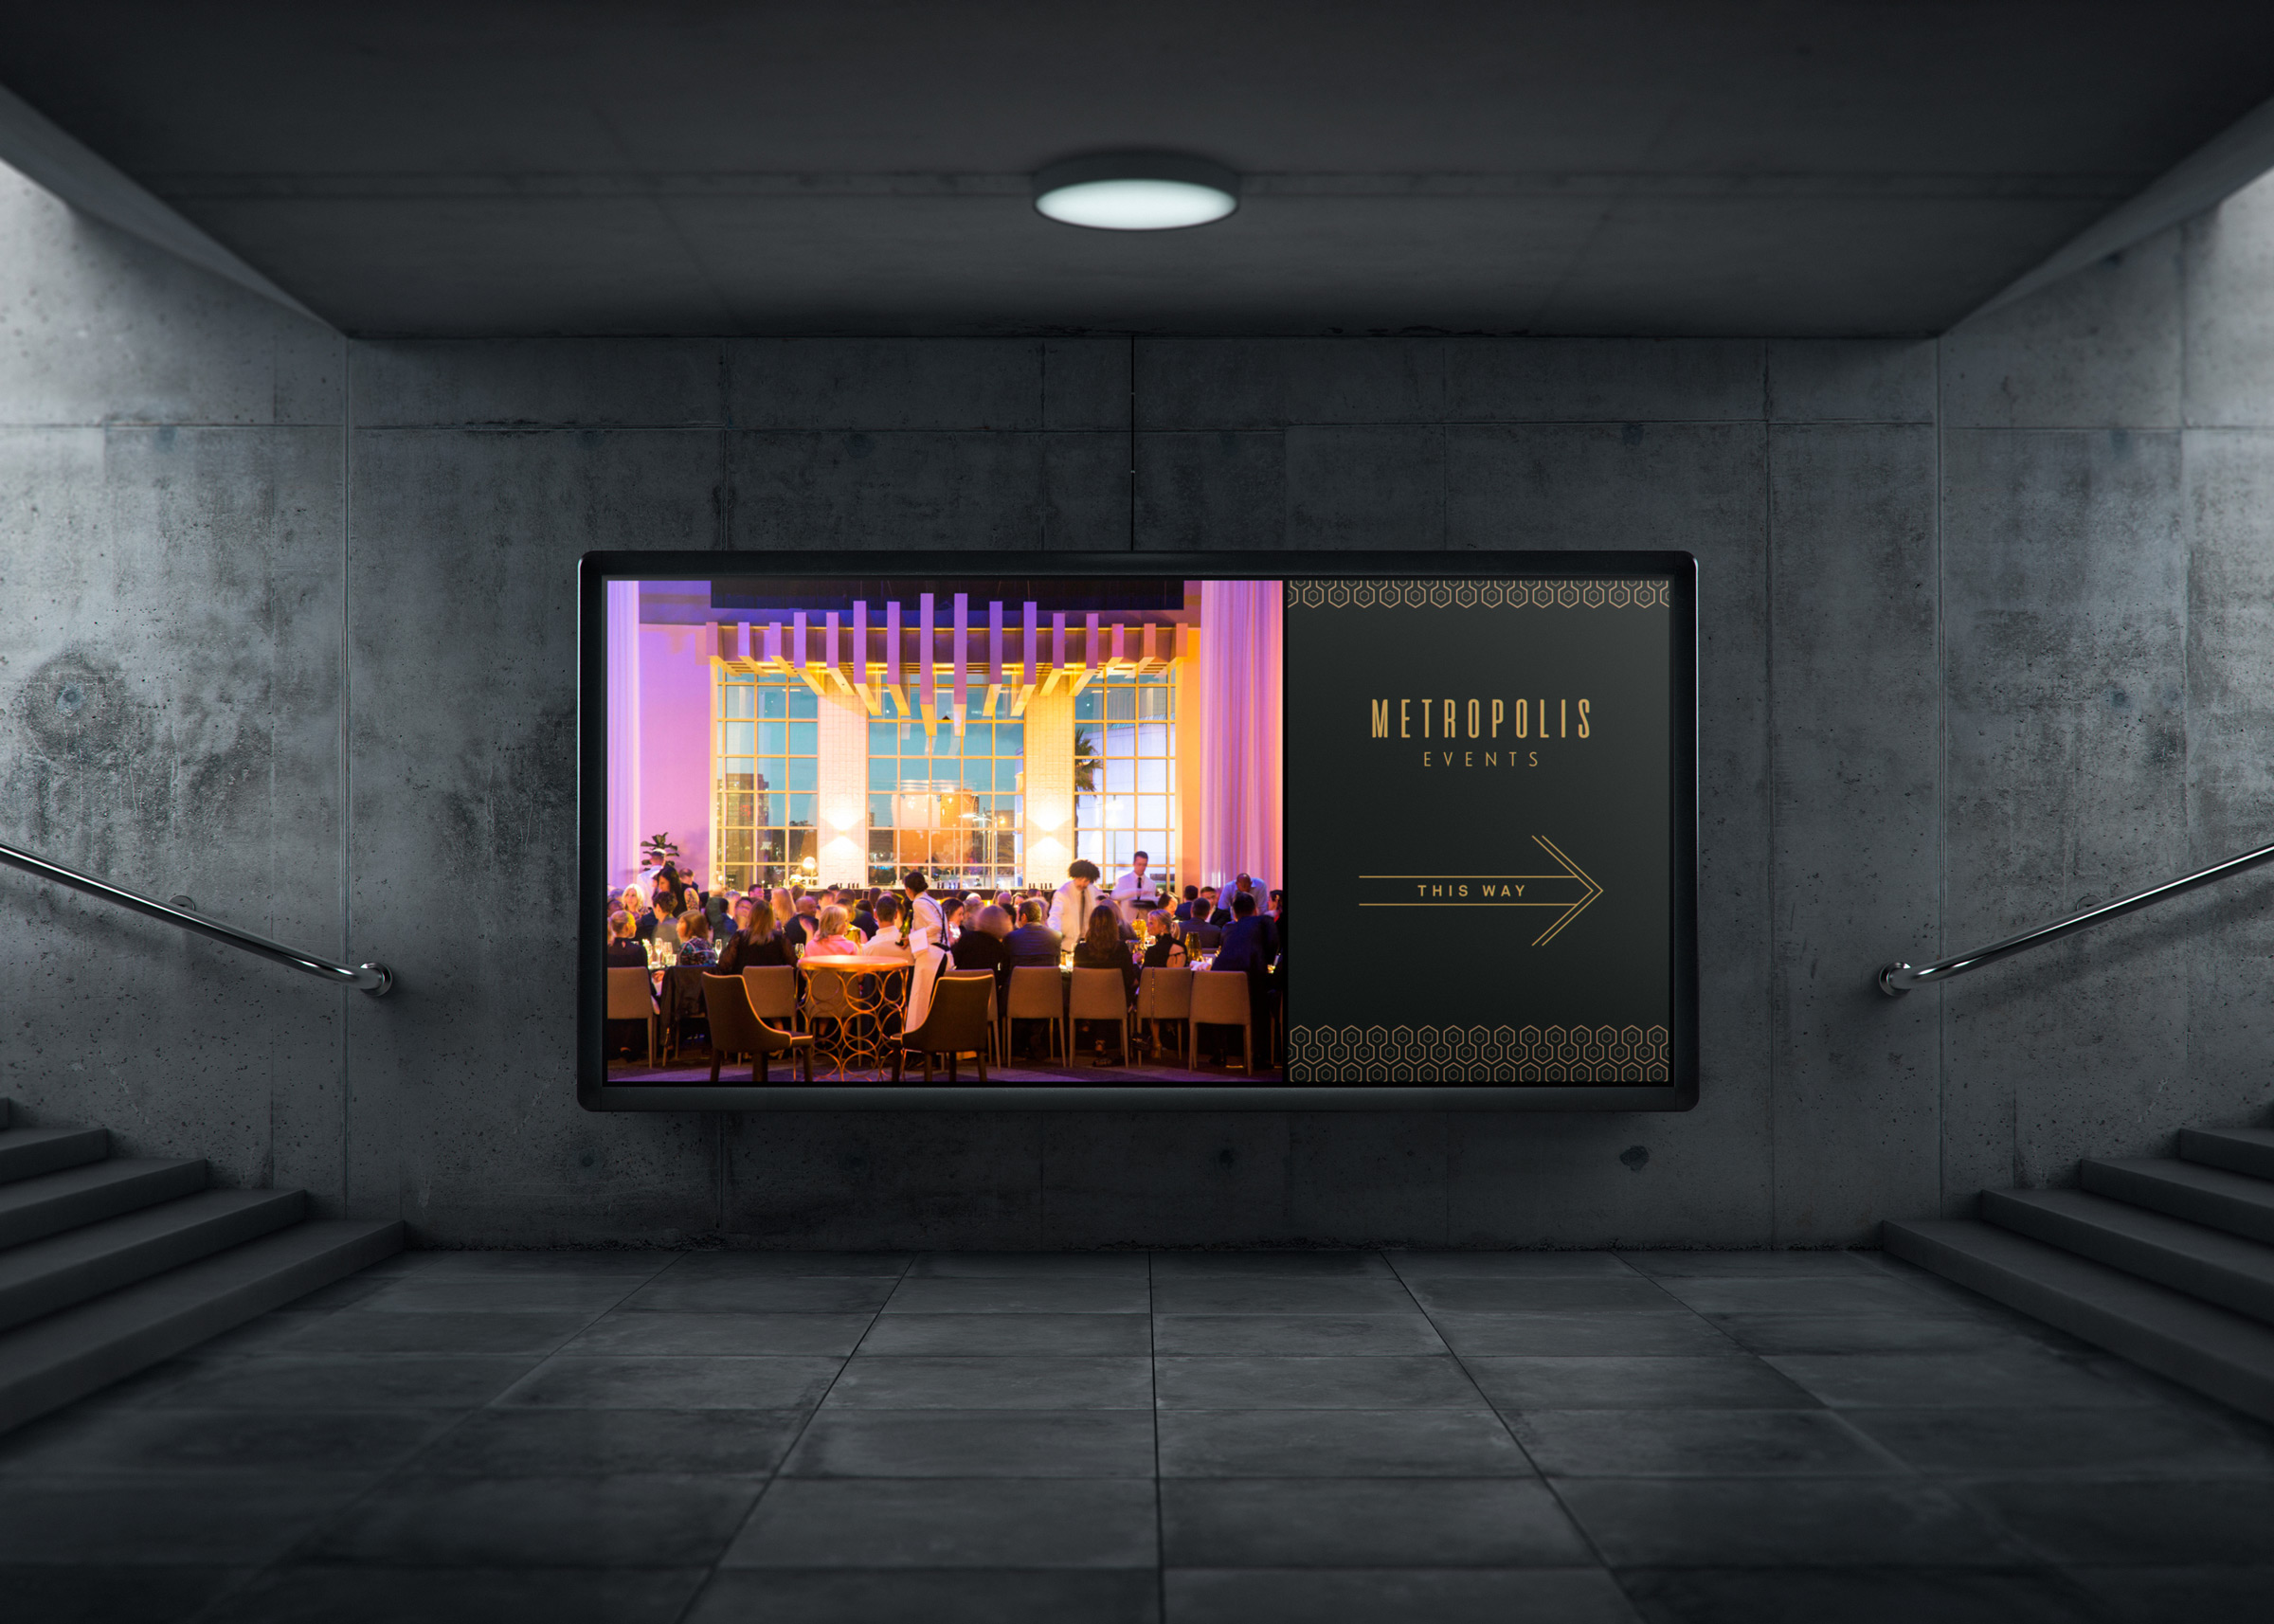 Metropolis Events - Branding and Website Design